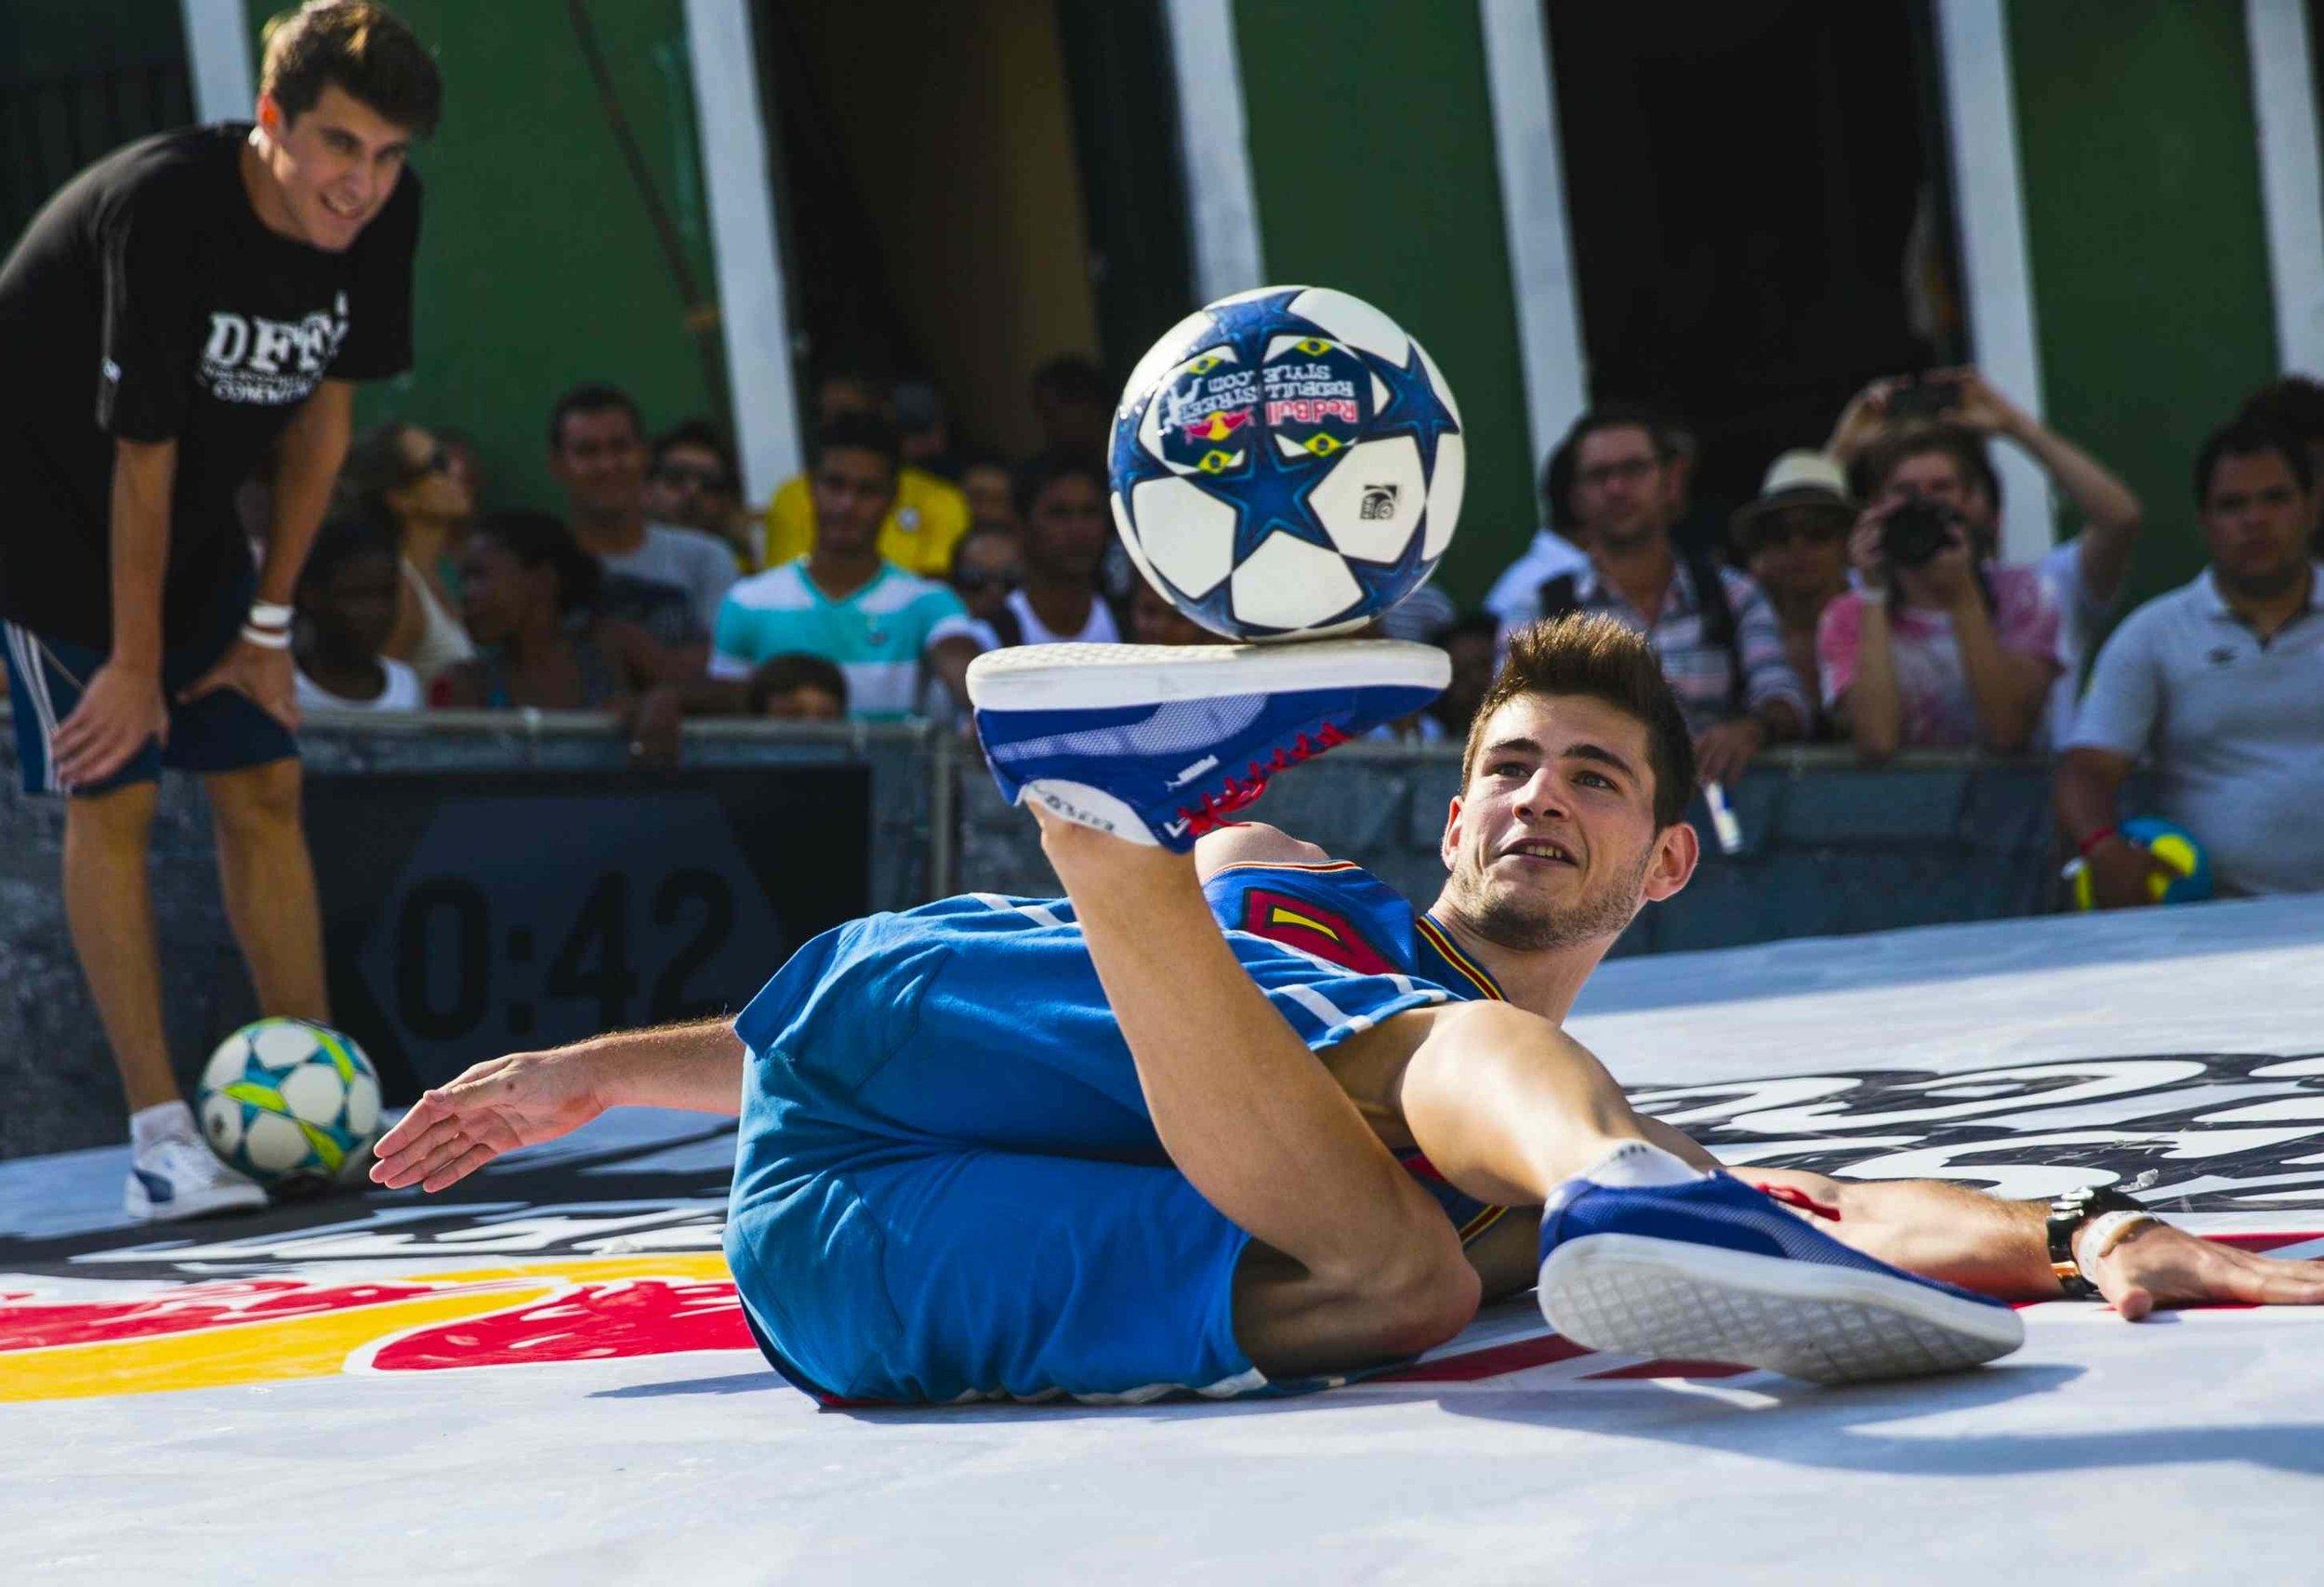 Red Bull Street Style World Finals - Groepfase Maarten van Luit, Salvador